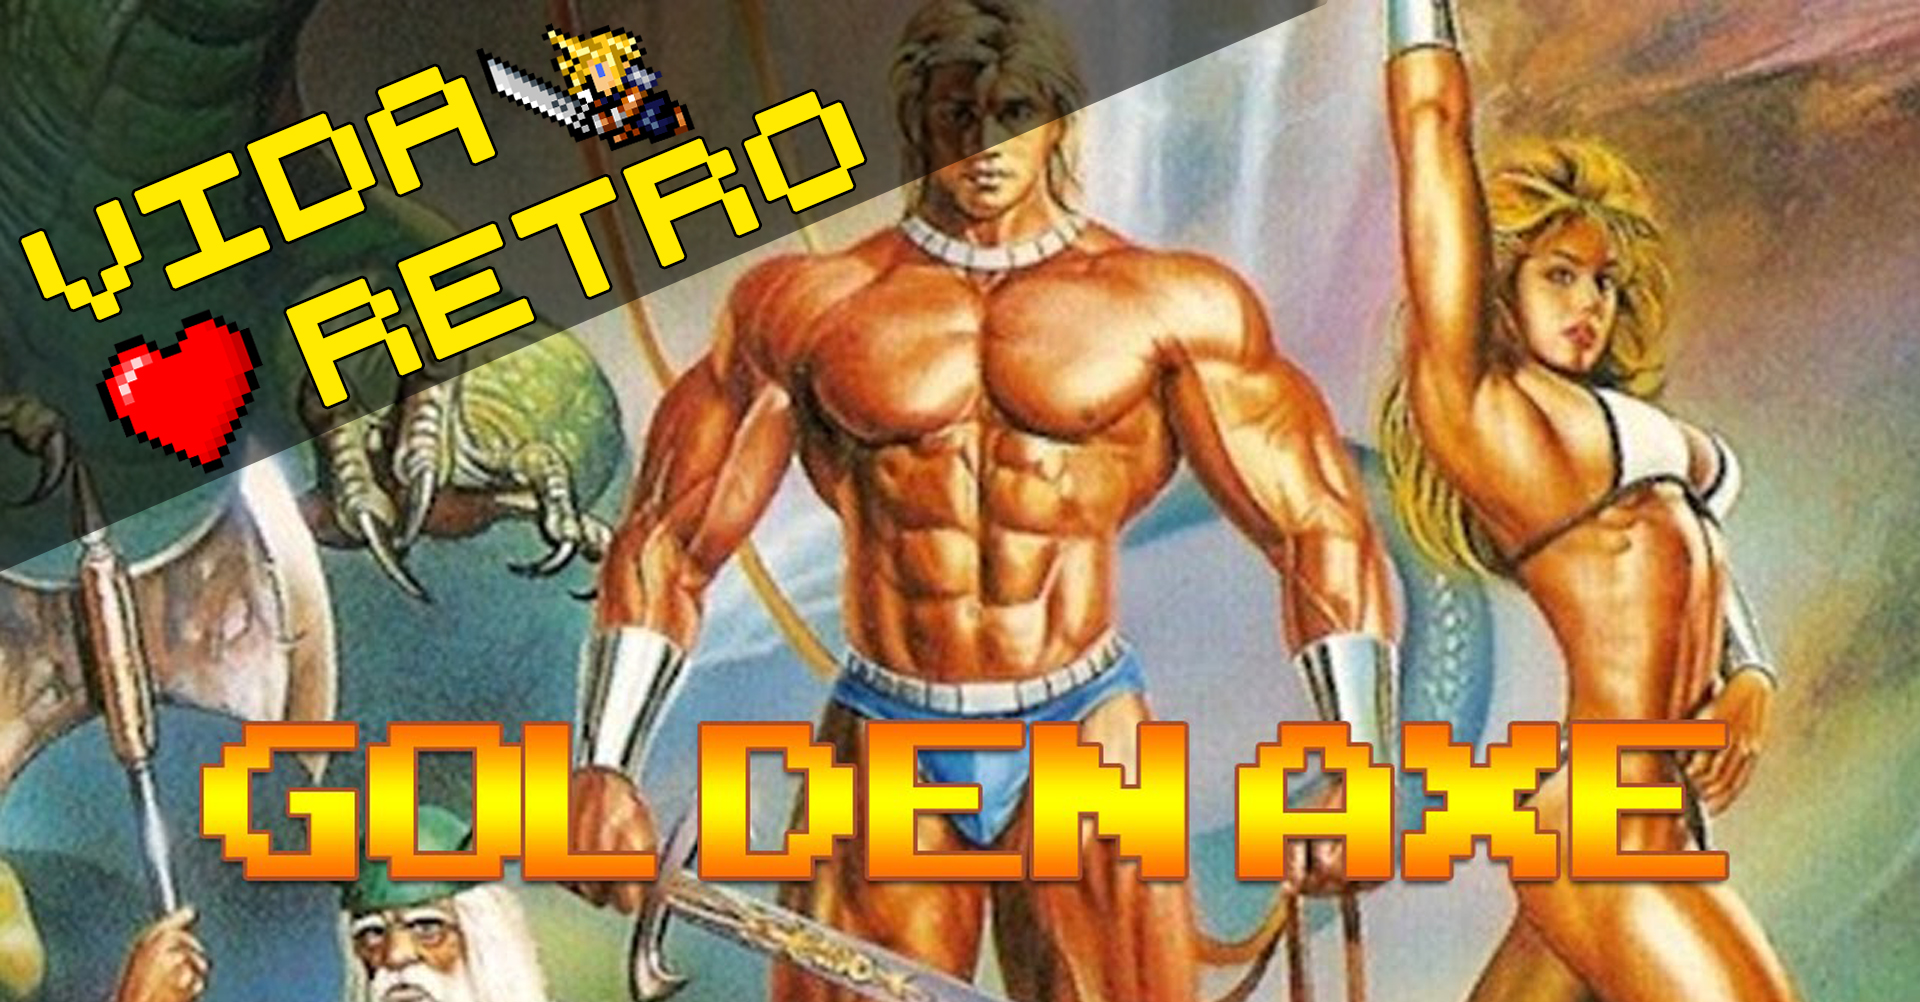 vida-retro_goldenaxe